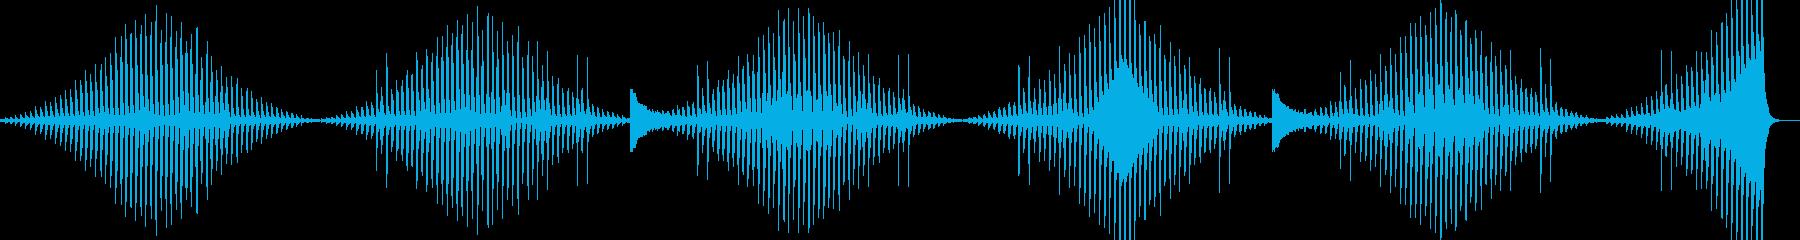 倍音の変化を伴うミニマルな展開の環境音楽の再生済みの波形